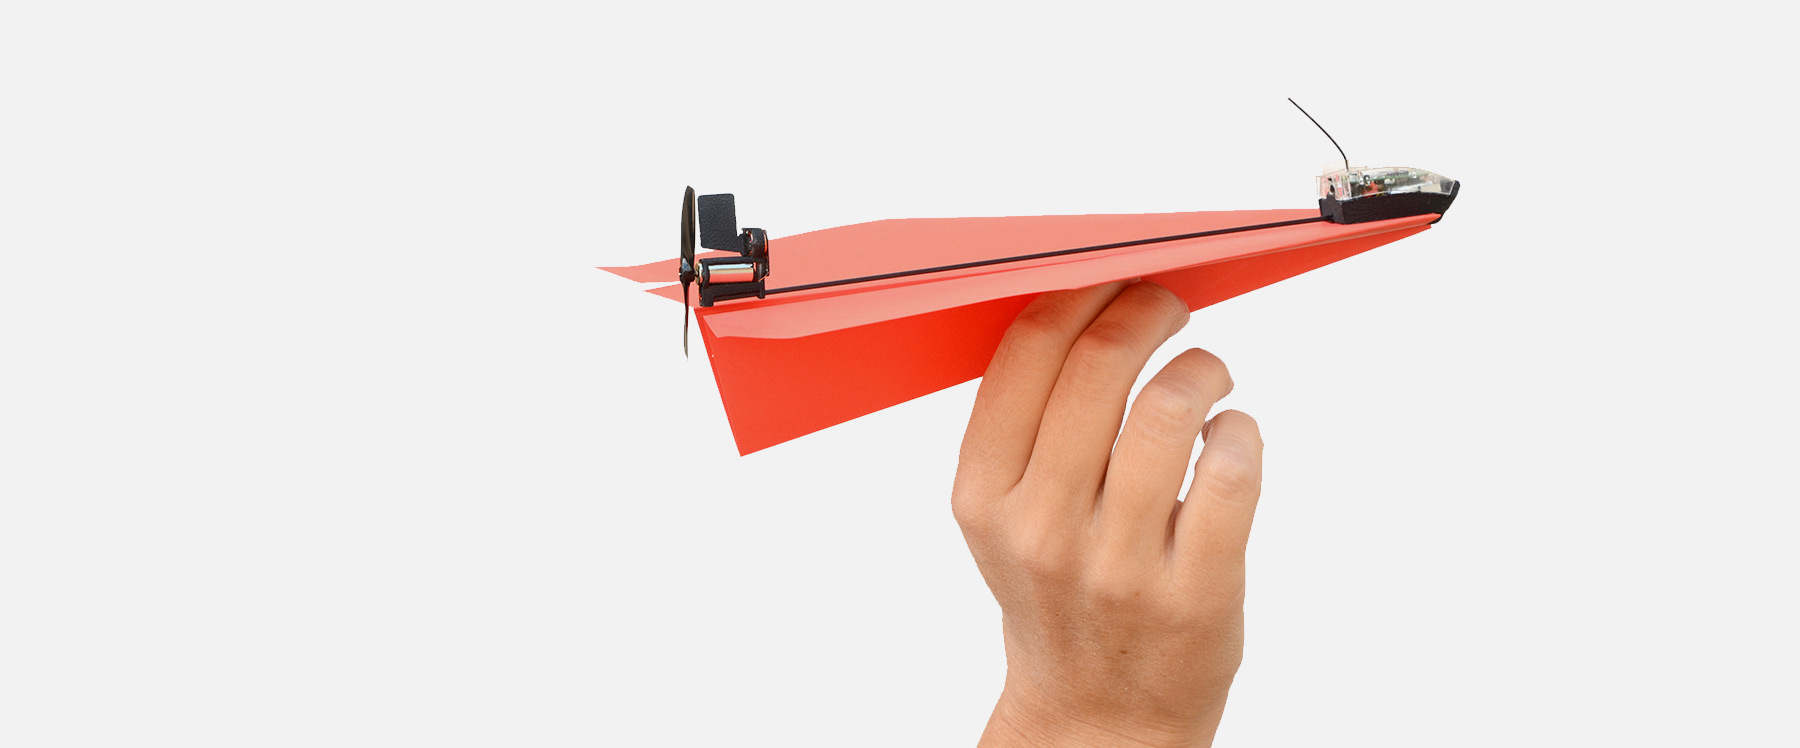 powerup3_avion_papier_moteur_home